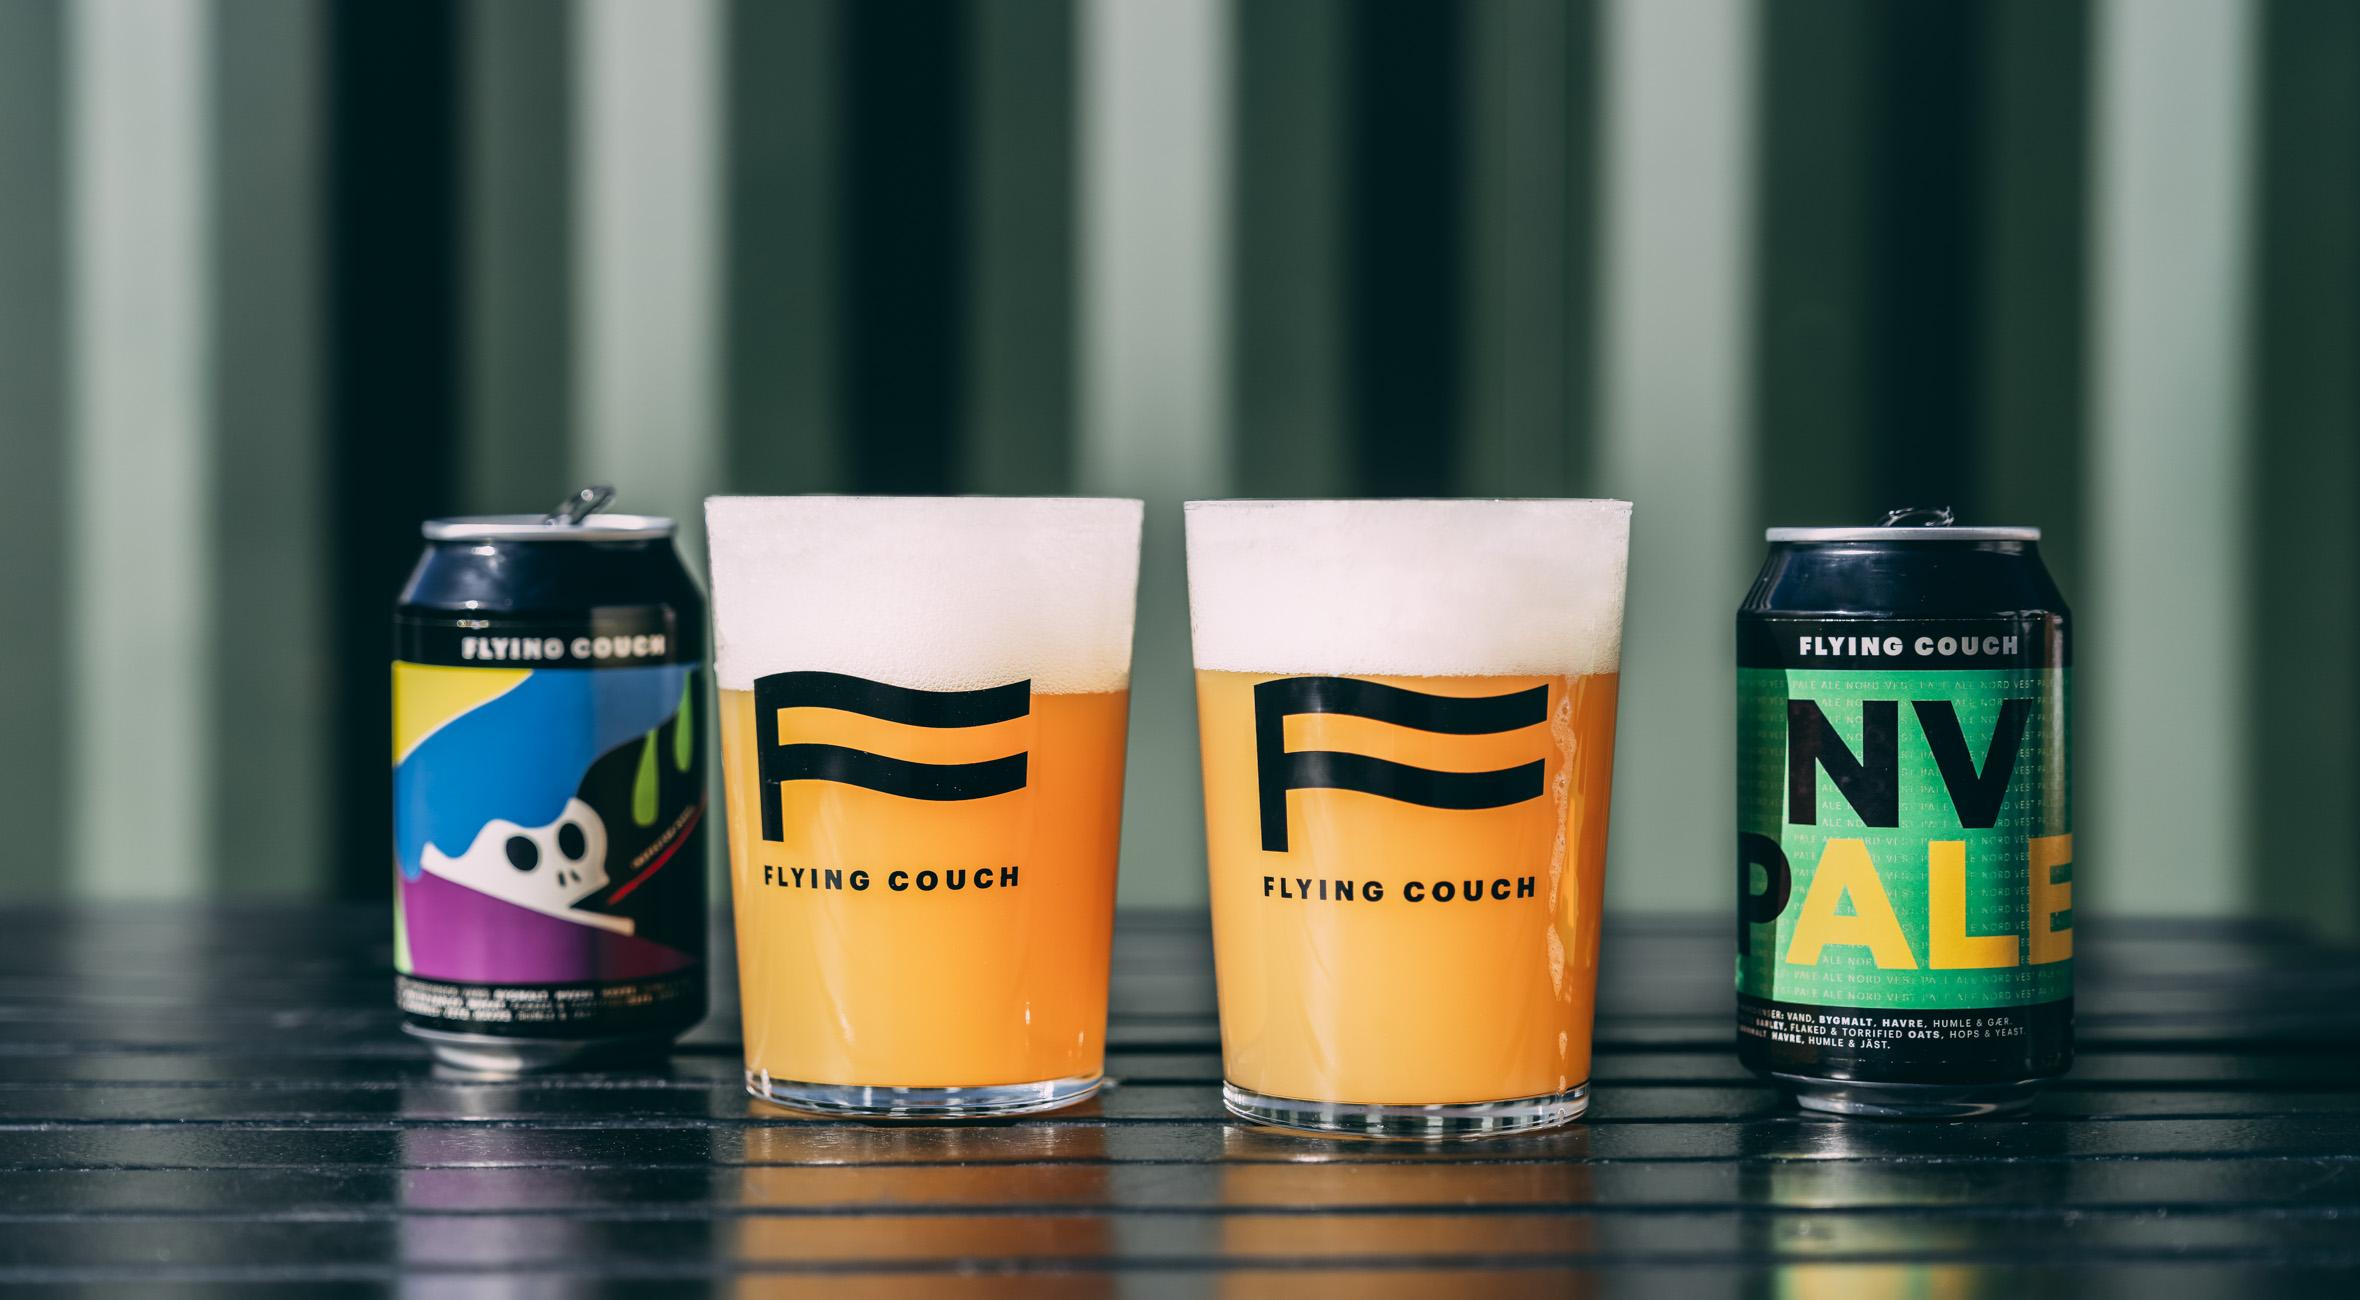 Frit valg til alt hos Flying Couch Brewing i Nordvest – Få øl i verdensklasse! Hent på bryggeriet og få friskbrygget øl med hjem